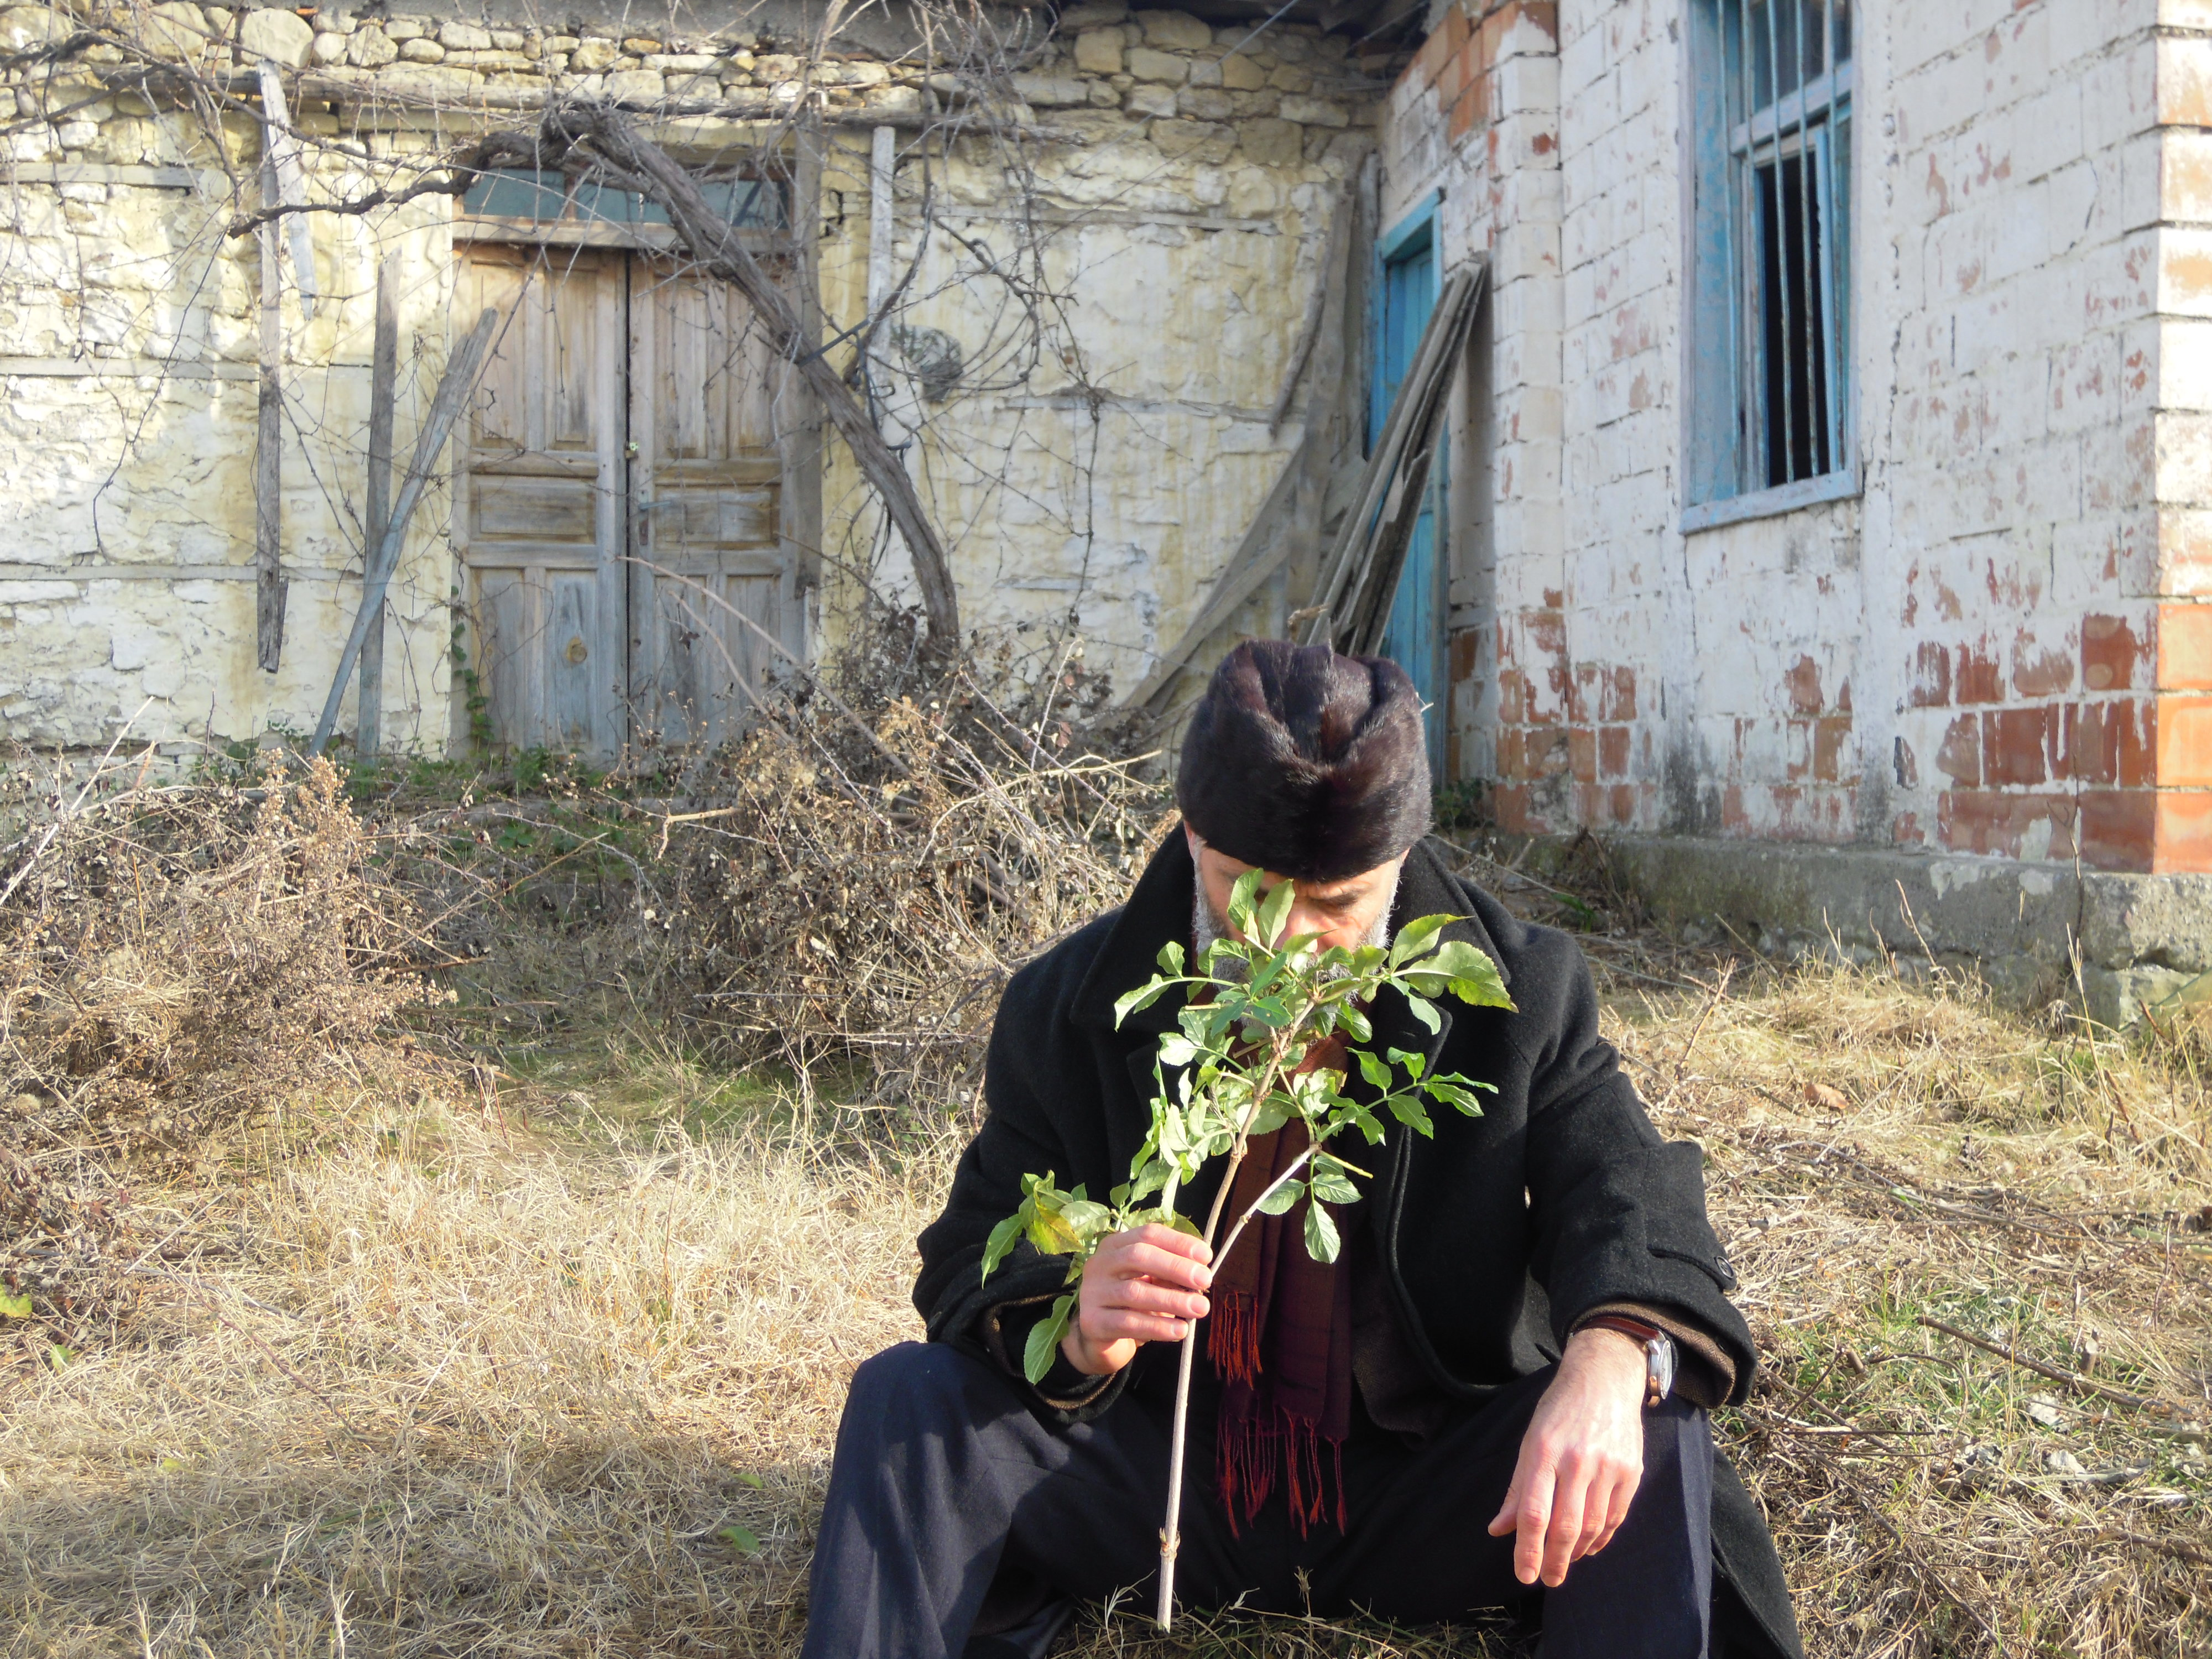 Gezim Hajdari davanti la sua casa natale, nel villaggio Hajdaraj, povincia di Darsìa, Lushnje, Albania 2012